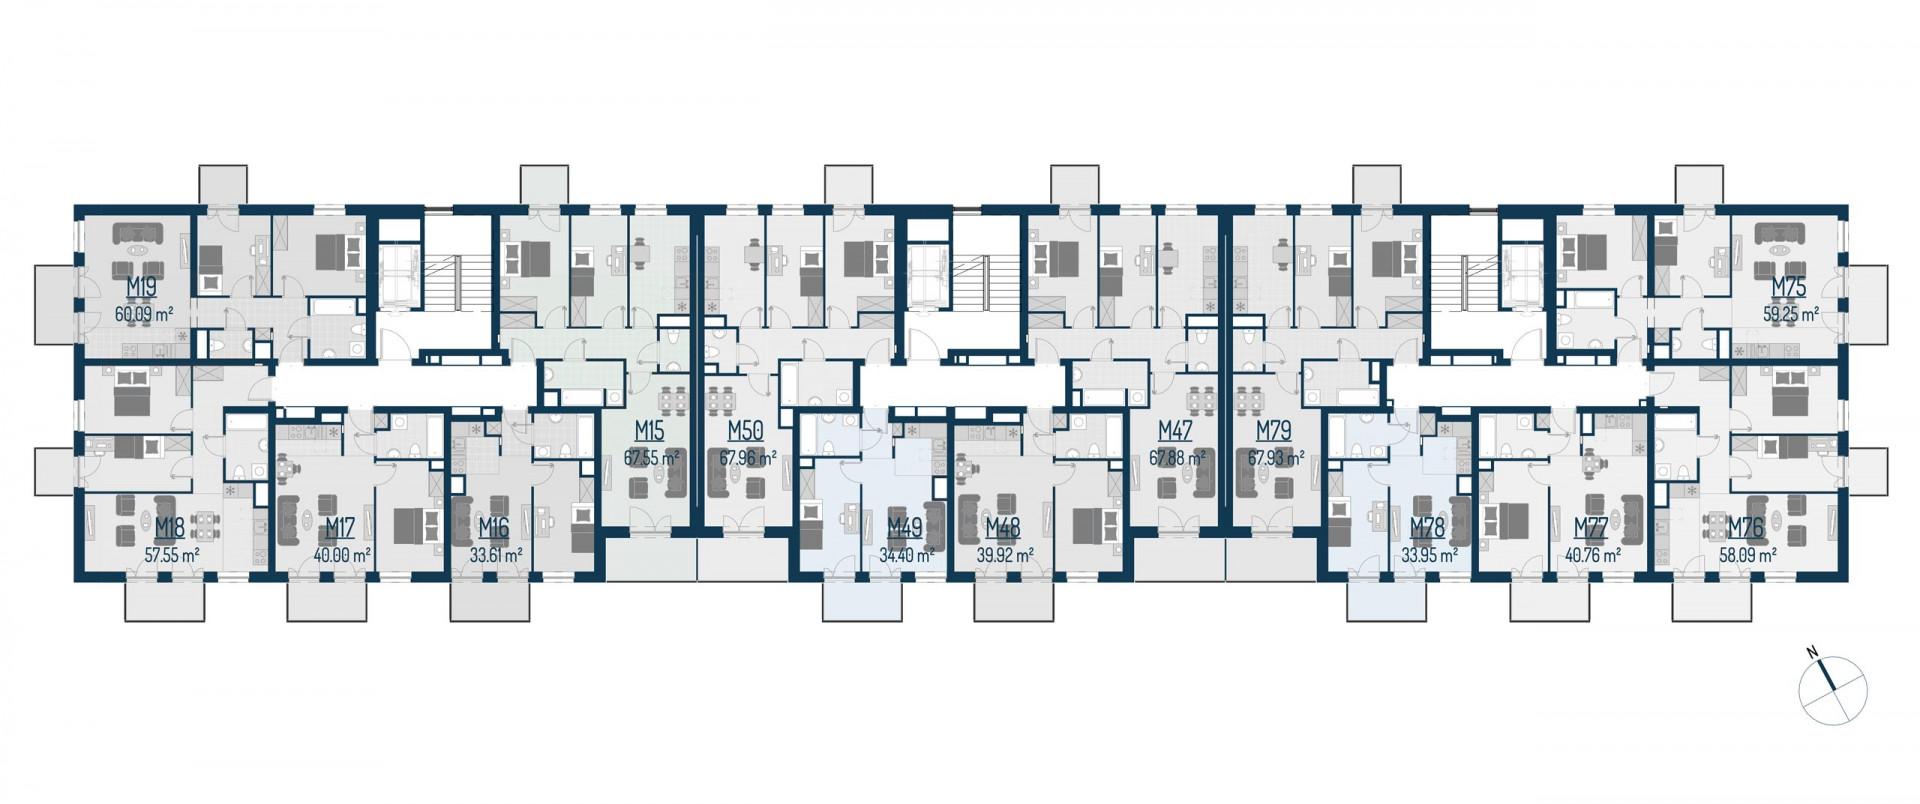 Zdrowe Stylove / budynek 1 / mieszkanie nr M50 rzut 2